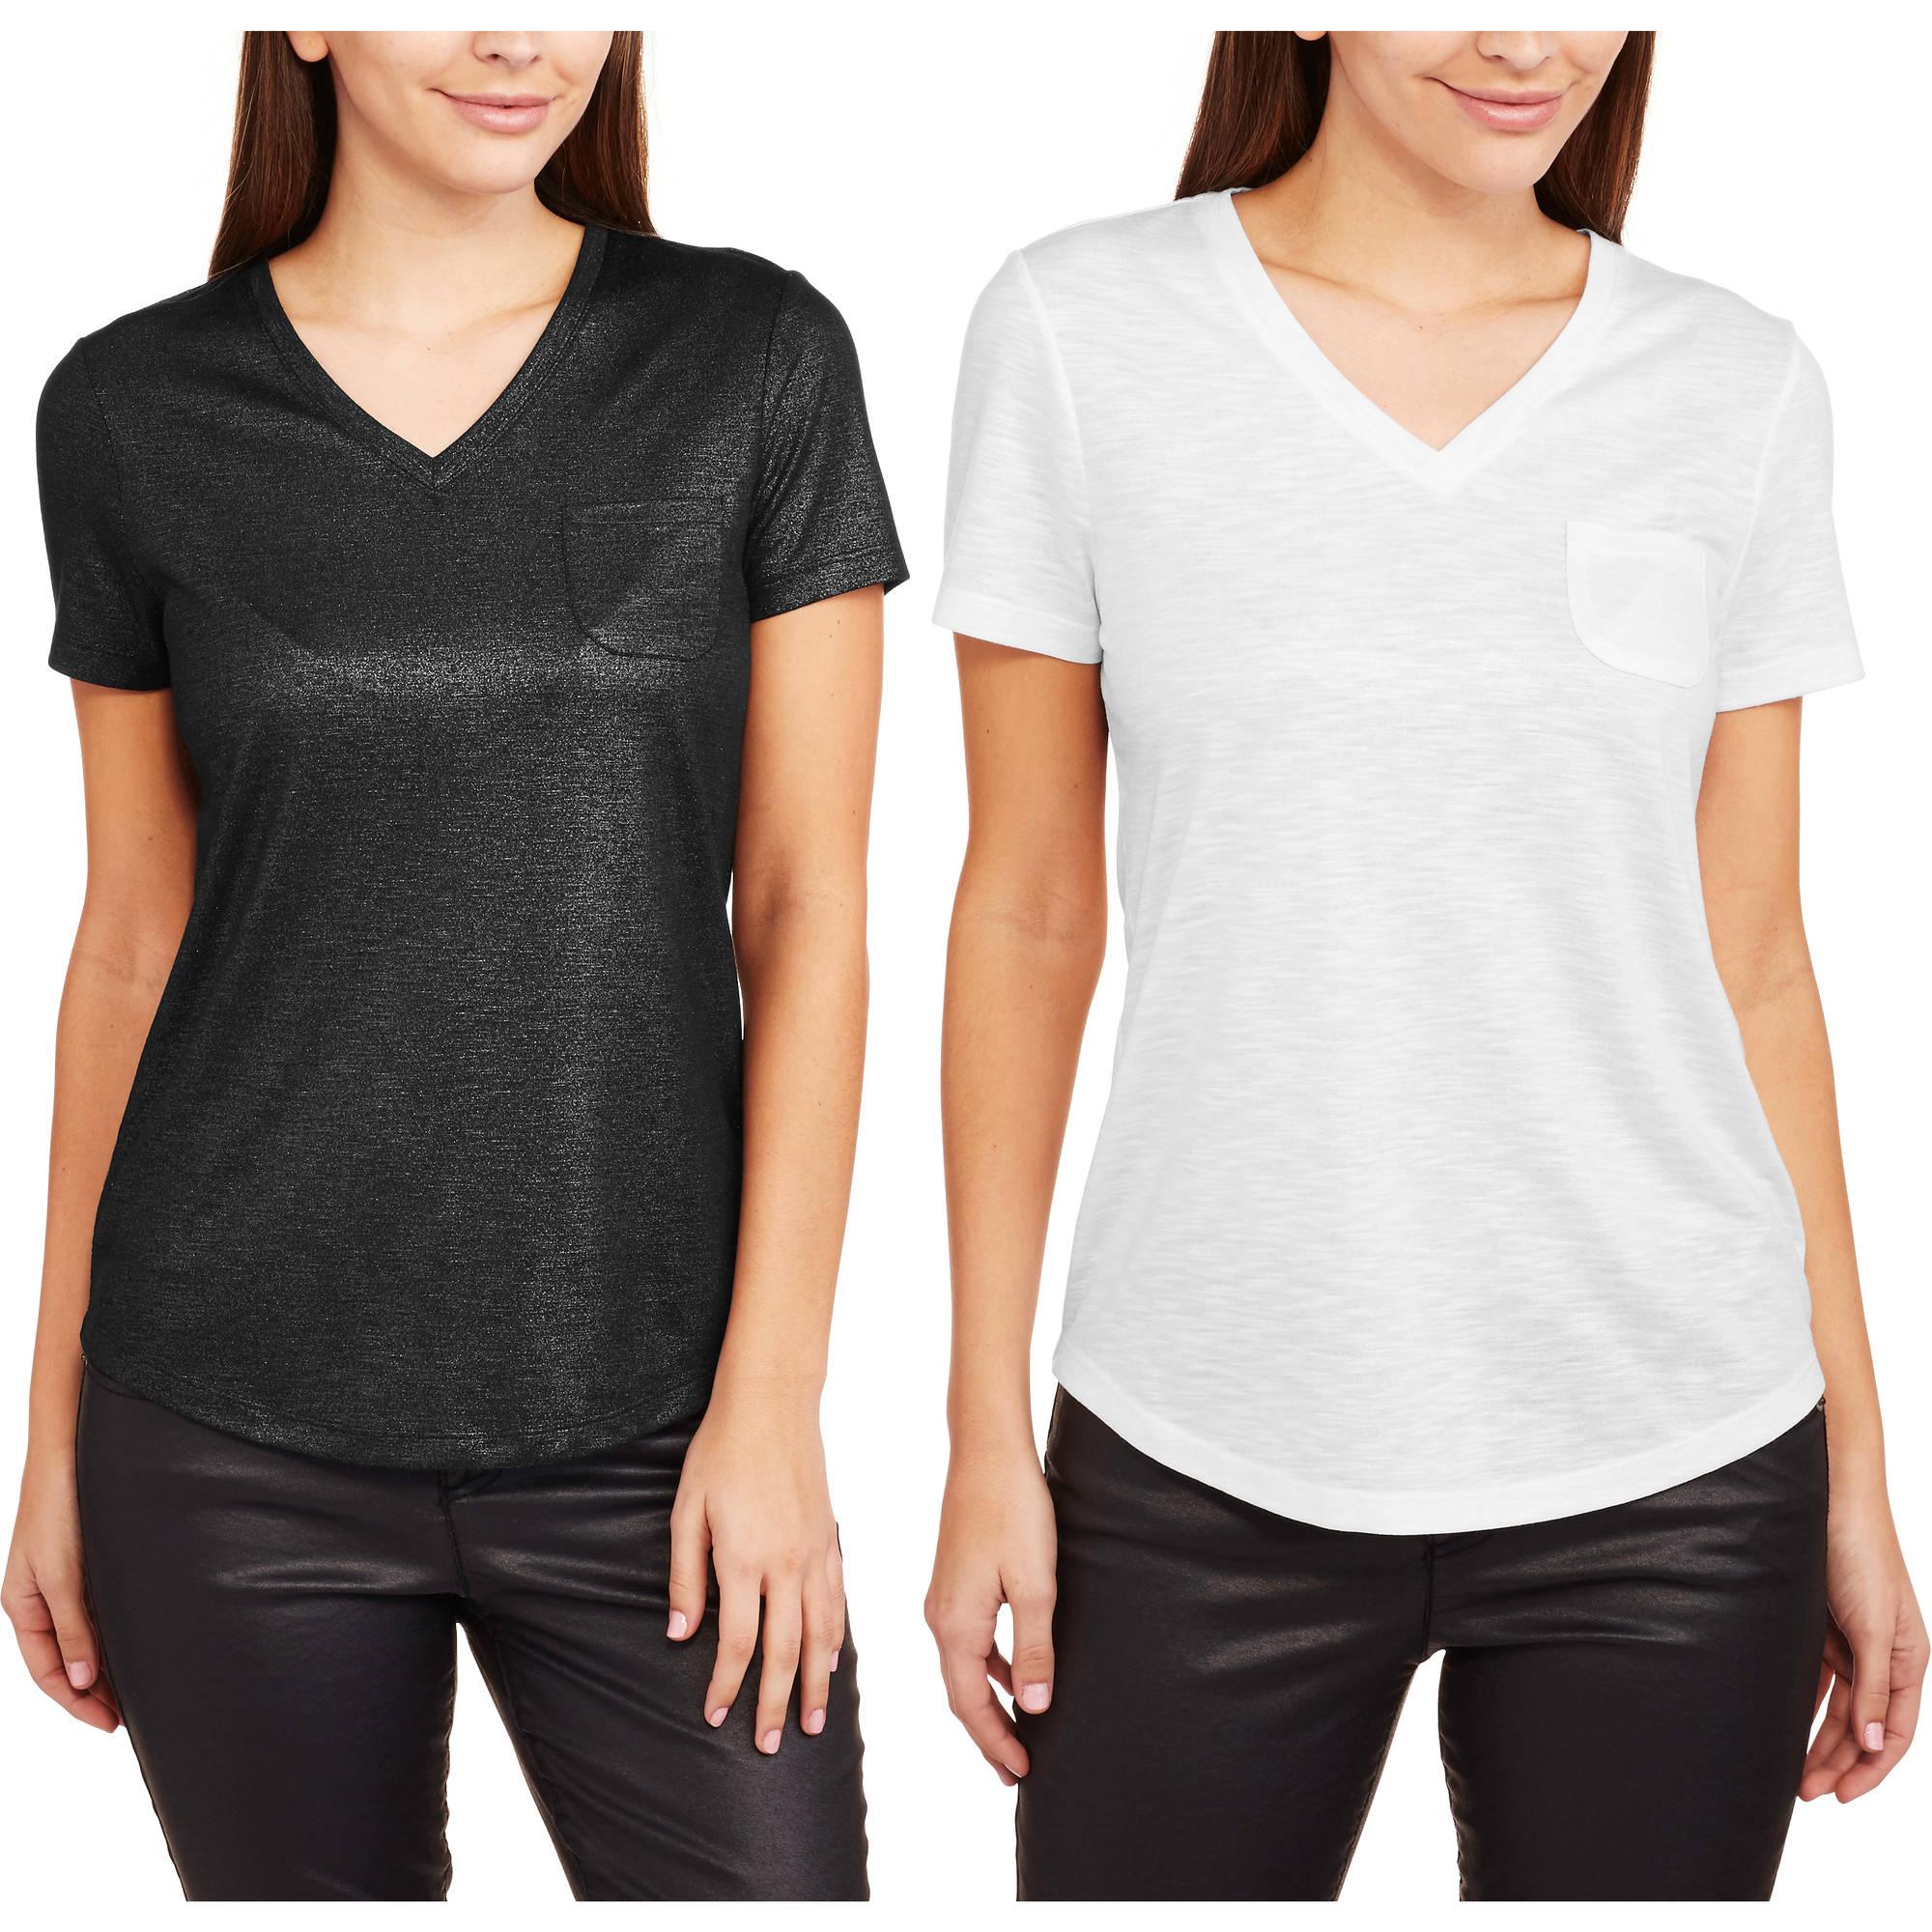 Faded Glory Women's Essential Foil Printed Short Sleeve V-Neck Pocket T-Shirt, 2 Pack Value Bundle